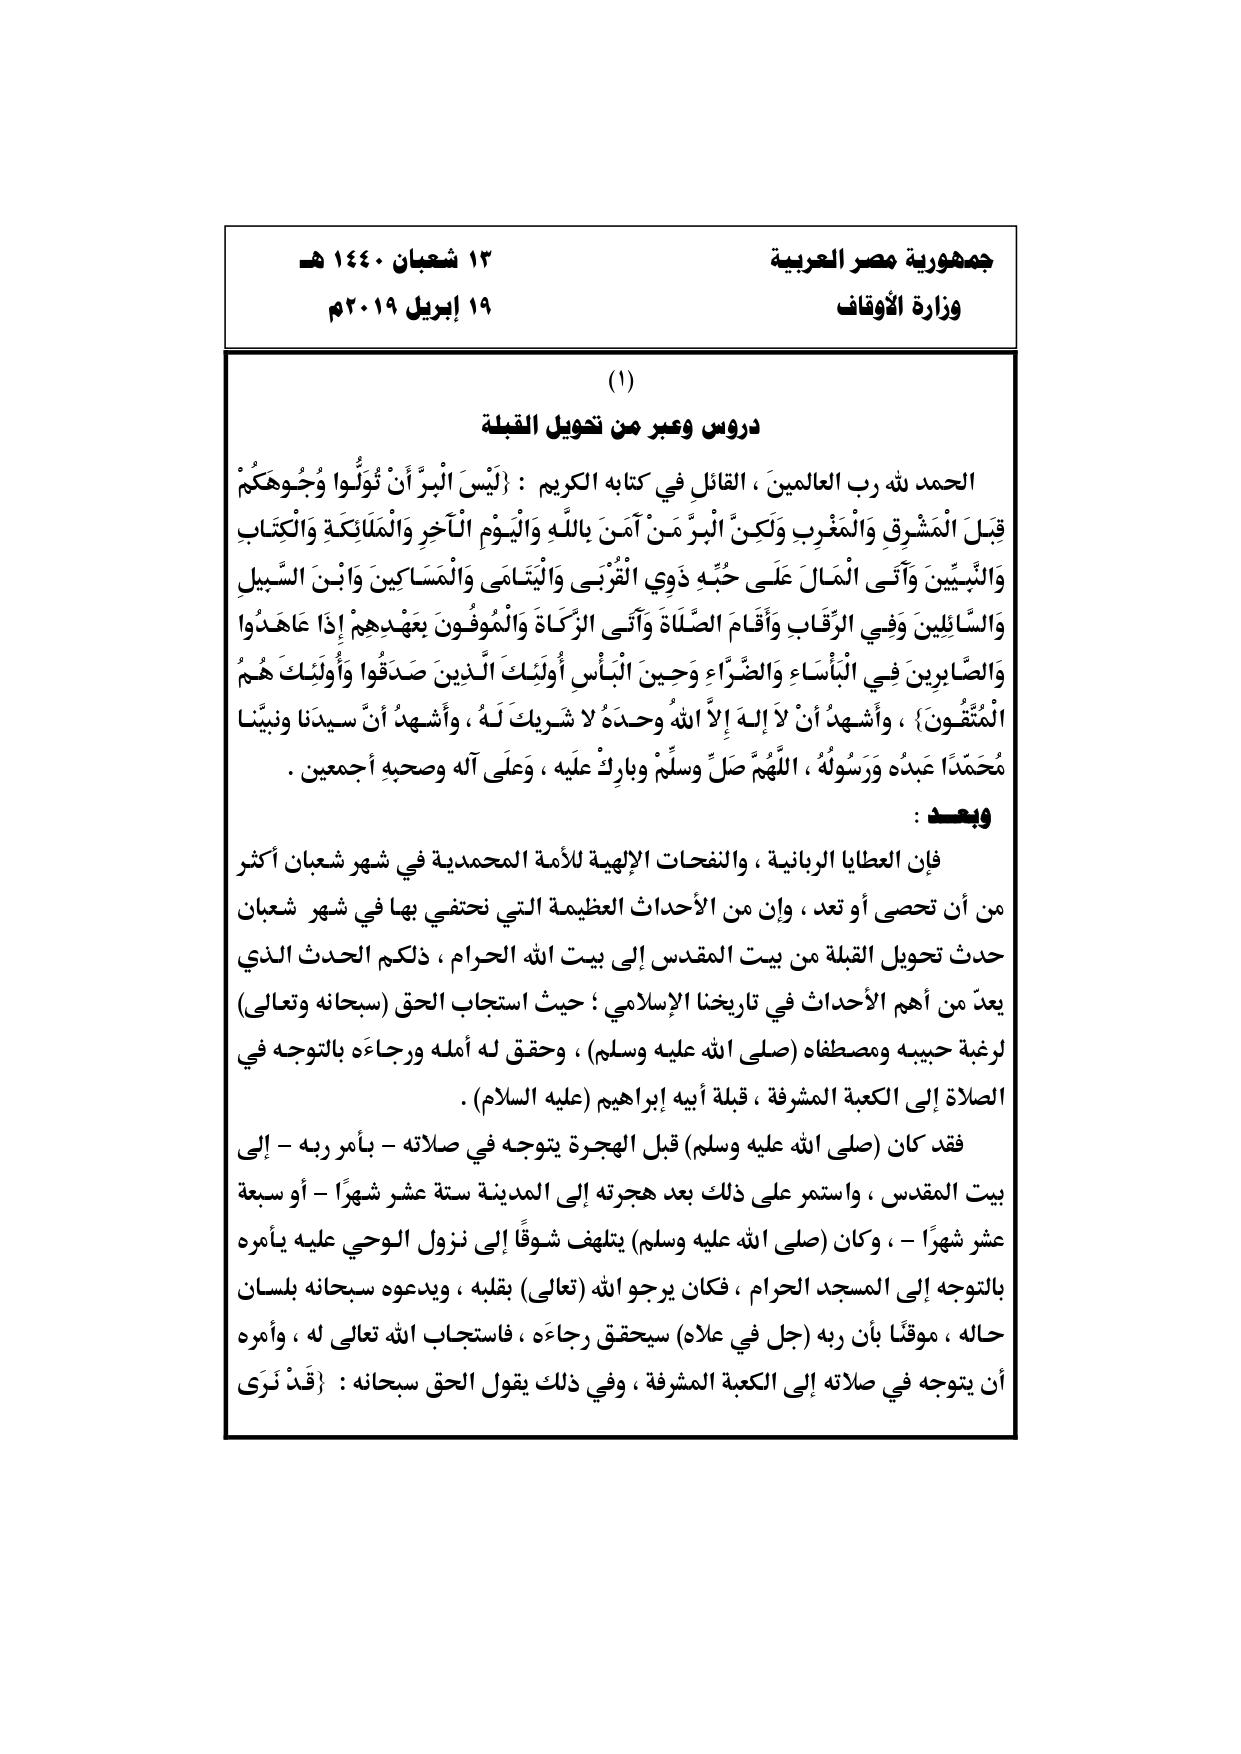 خطبة الجمعة لوزارة الاوقاف المصرية 19 أبريل 2019 دروس وعبر من